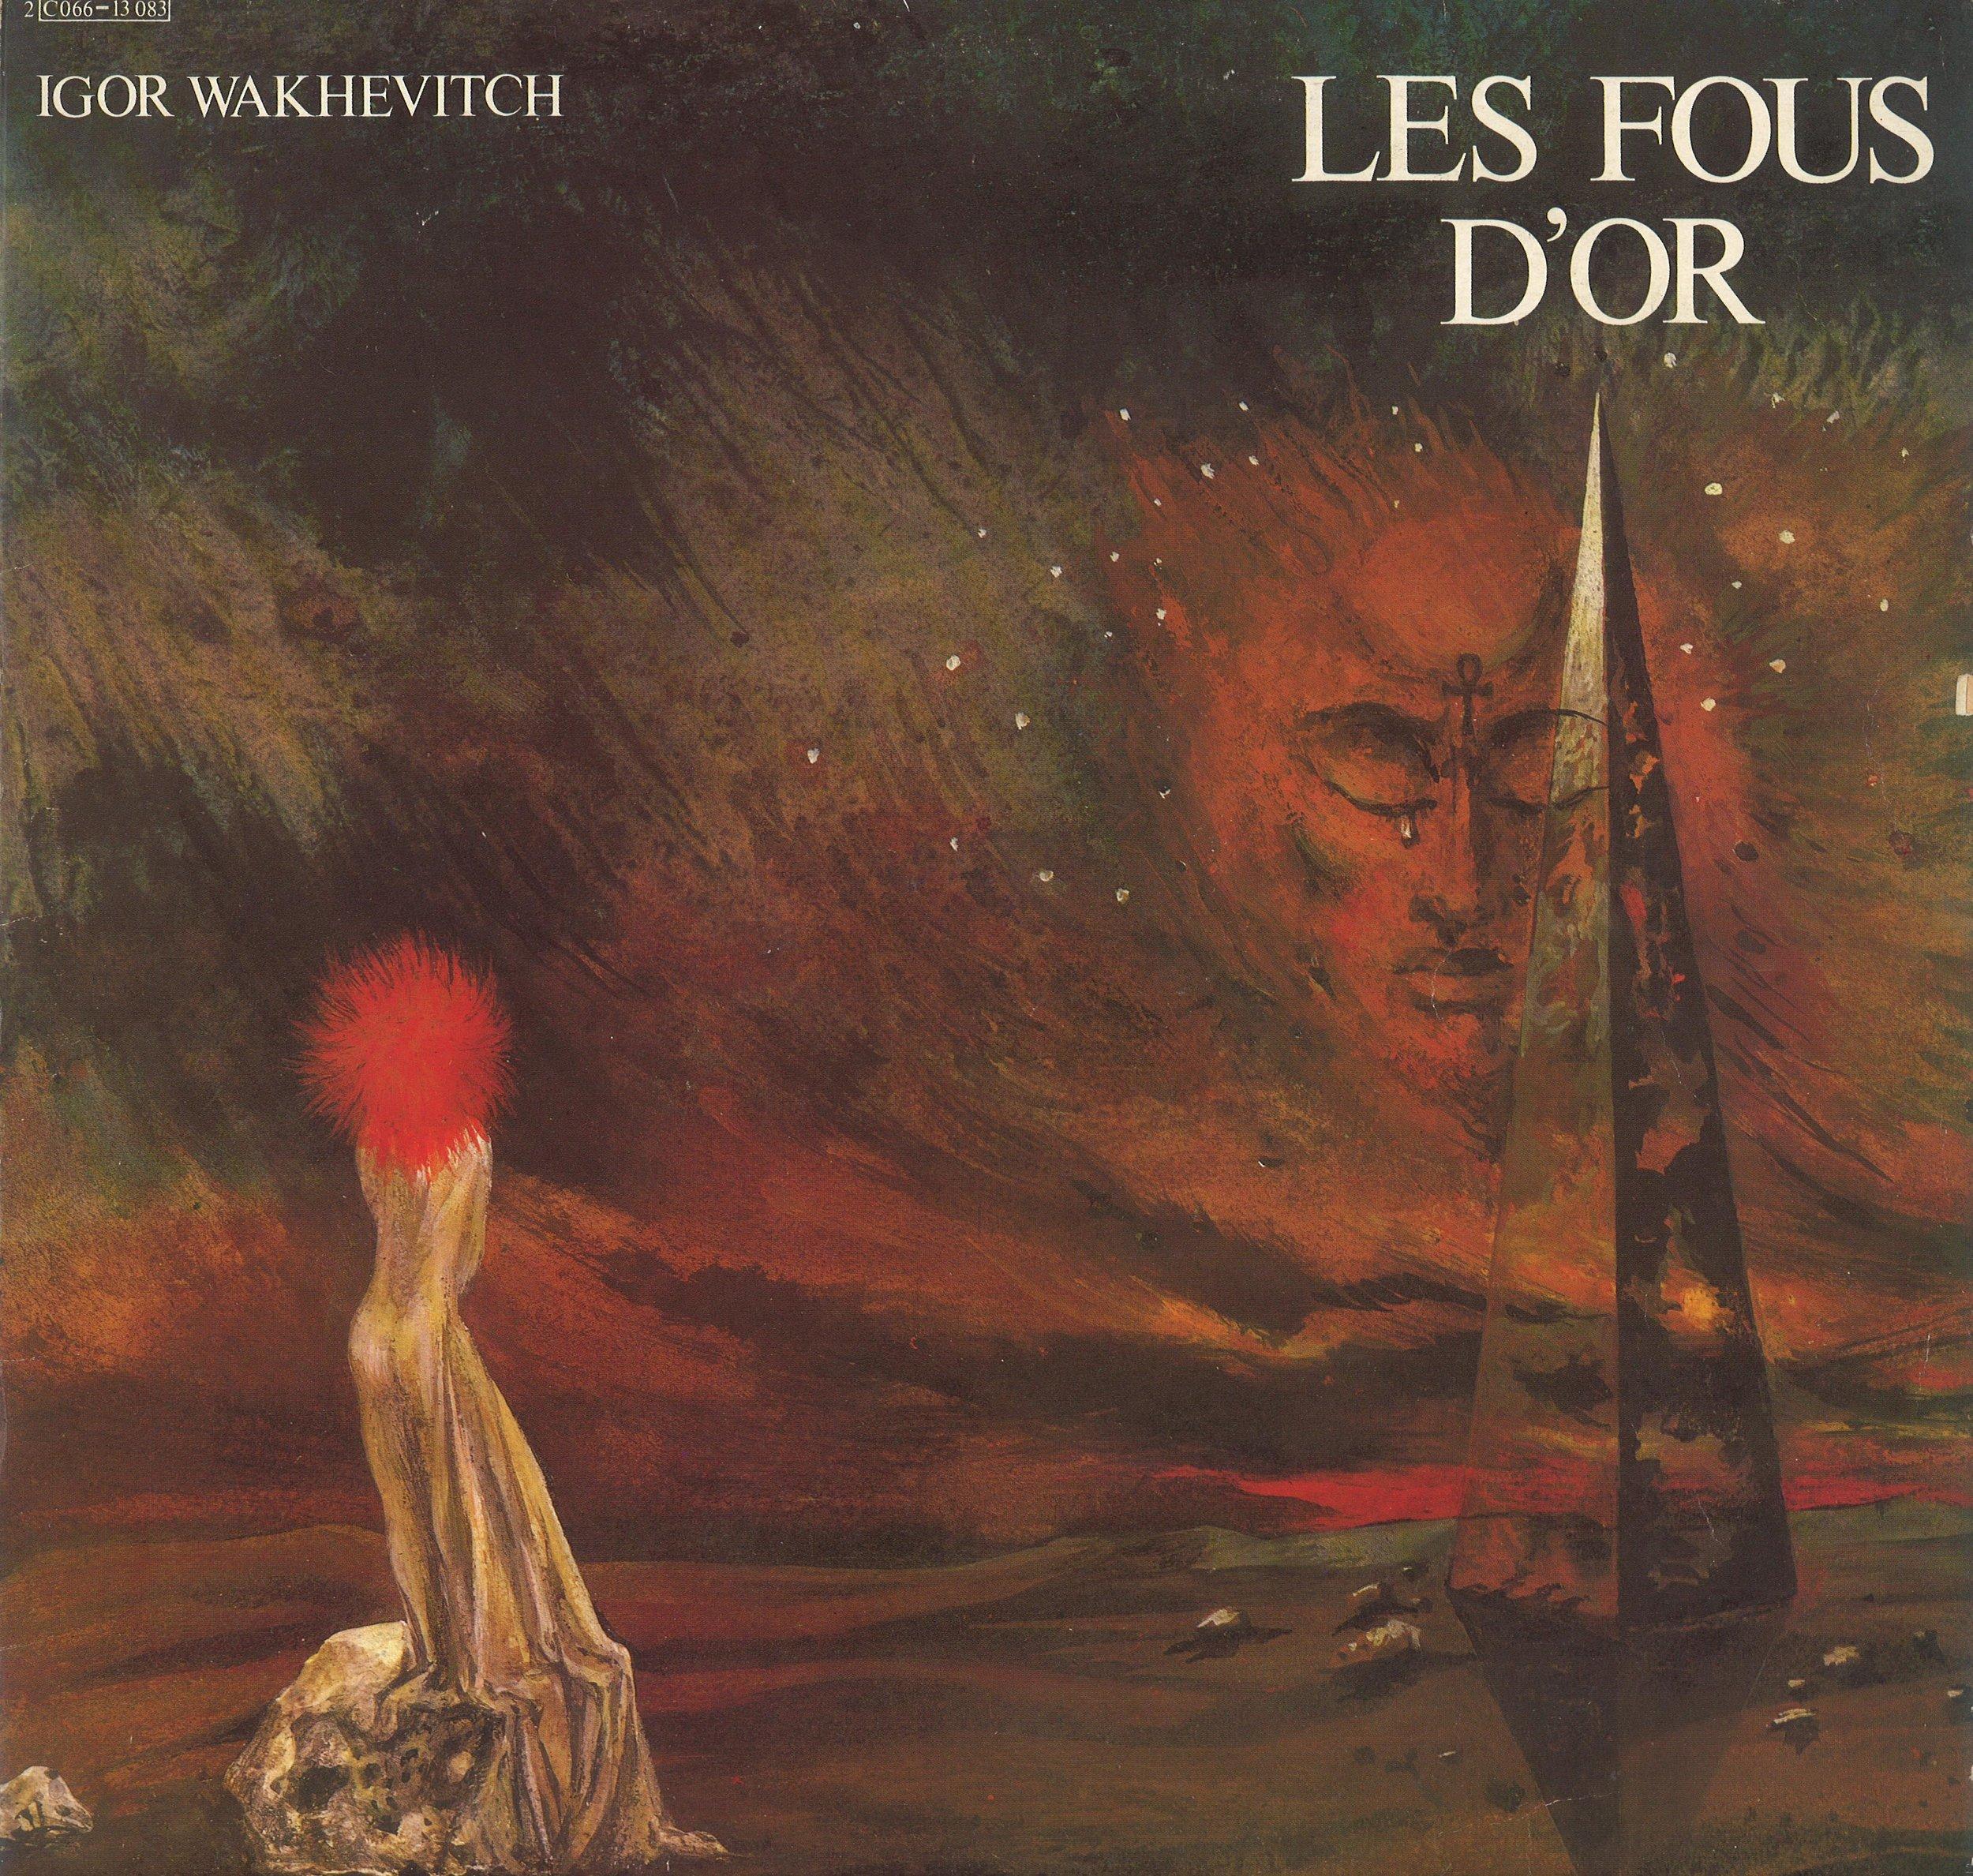 Cover of the album Les Fous d'Or jpg.jpg